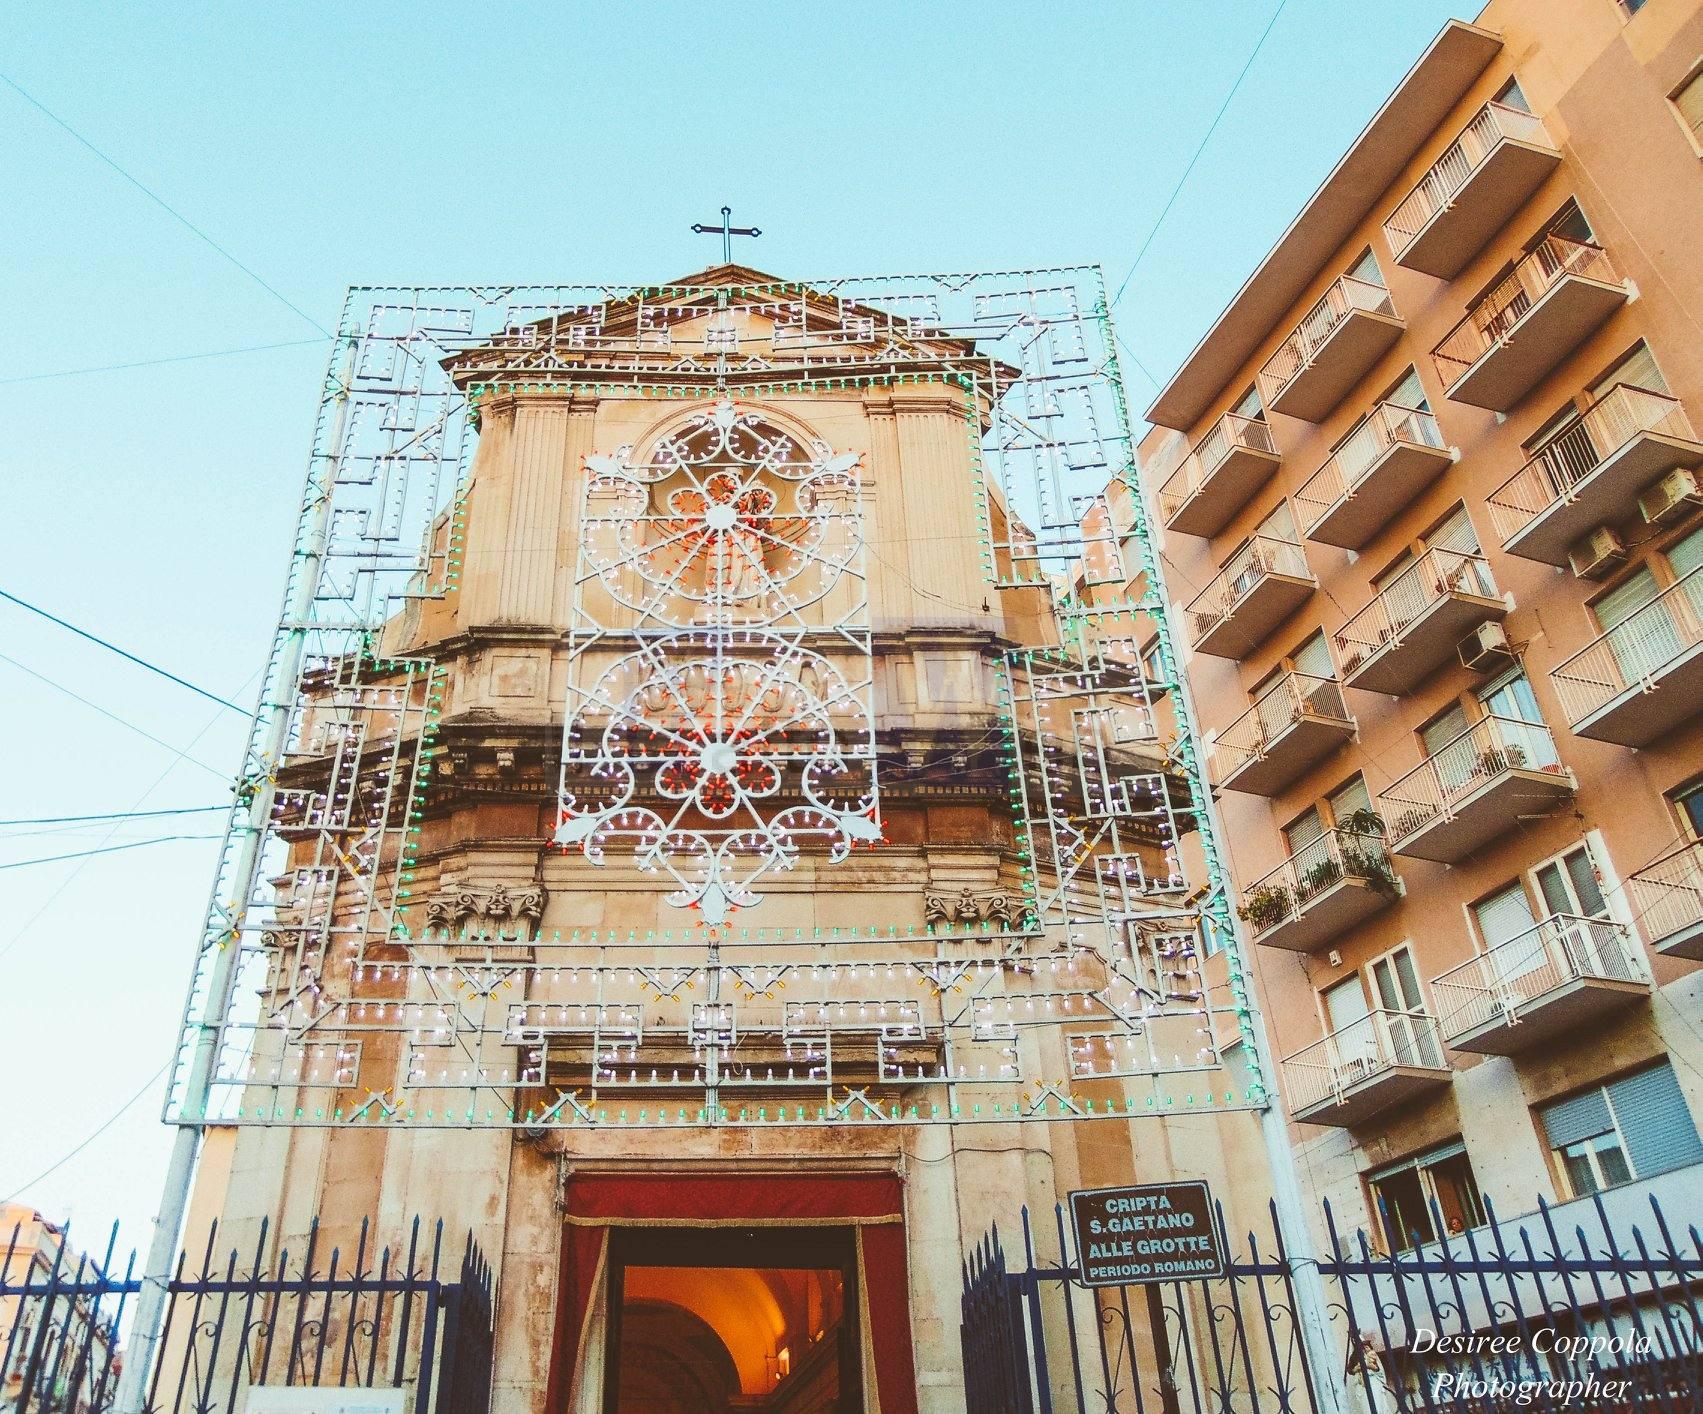 I volontari della chiesa di San Gaetano alle Grotte organizzano raccolta fondi per i più bisognosi